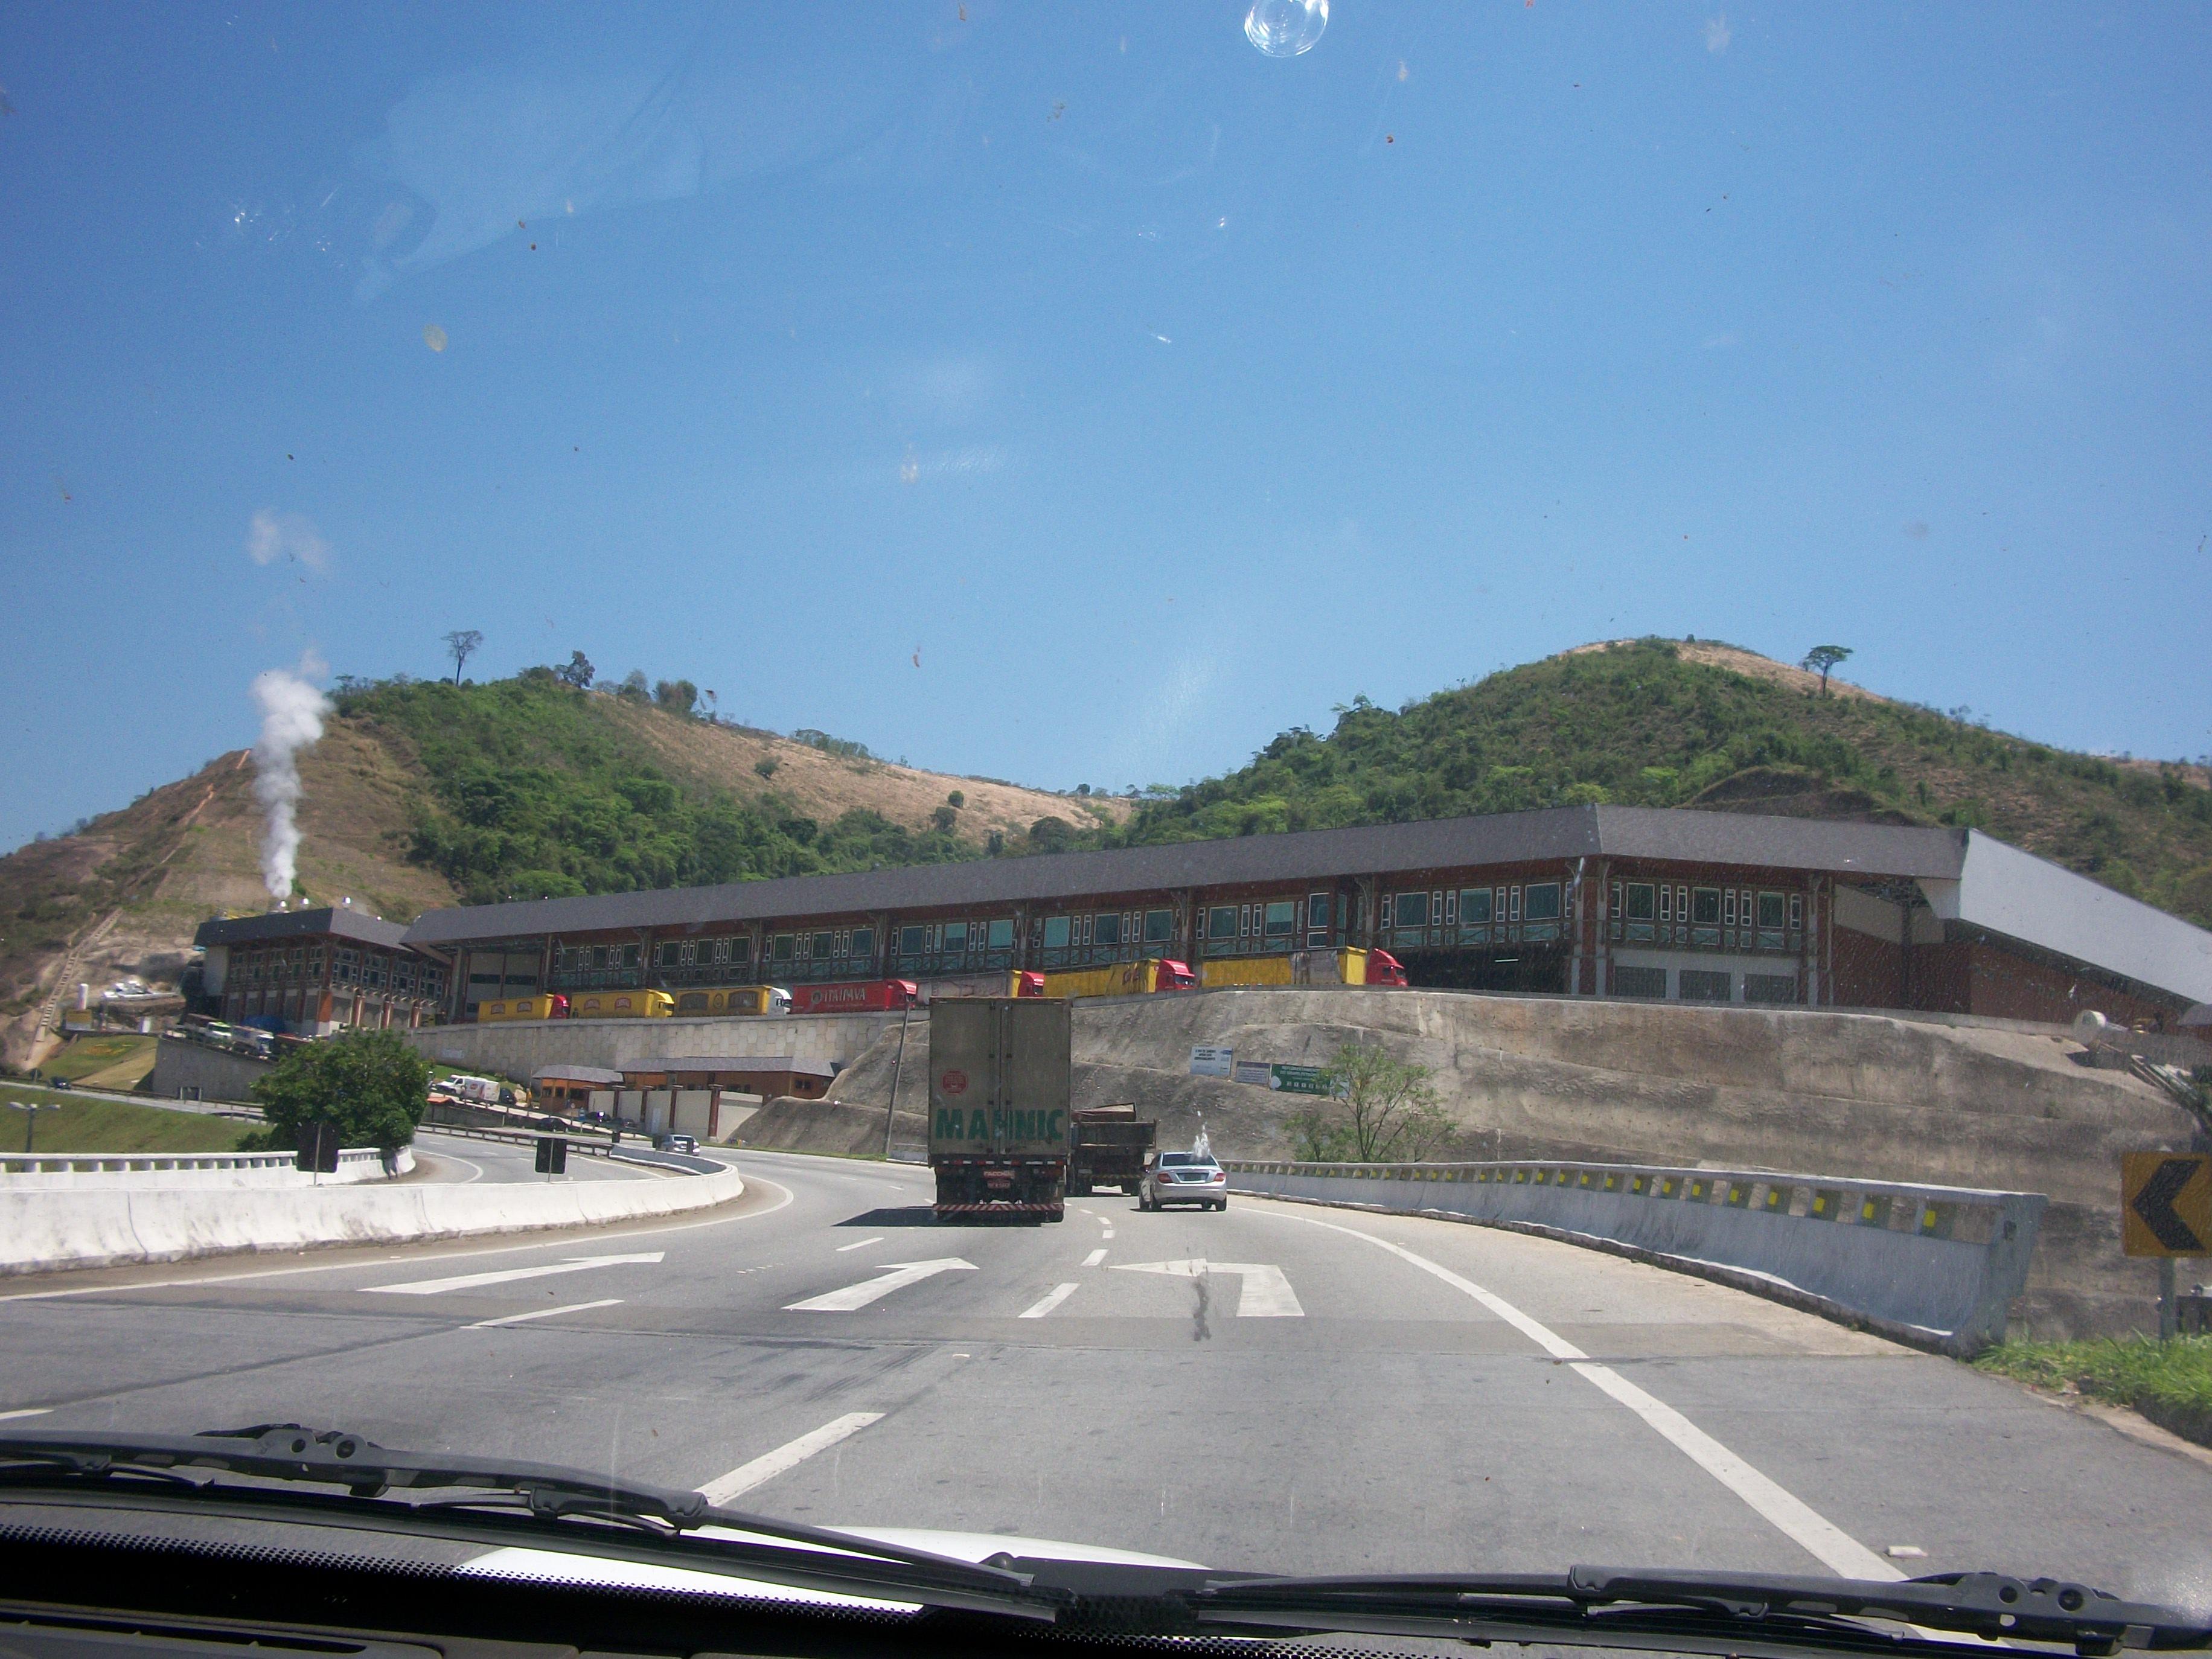 Ficheiro:Indústria Itaipava em Pedro do Rio.jpg – Wikipédia, a enciclopédia  livre